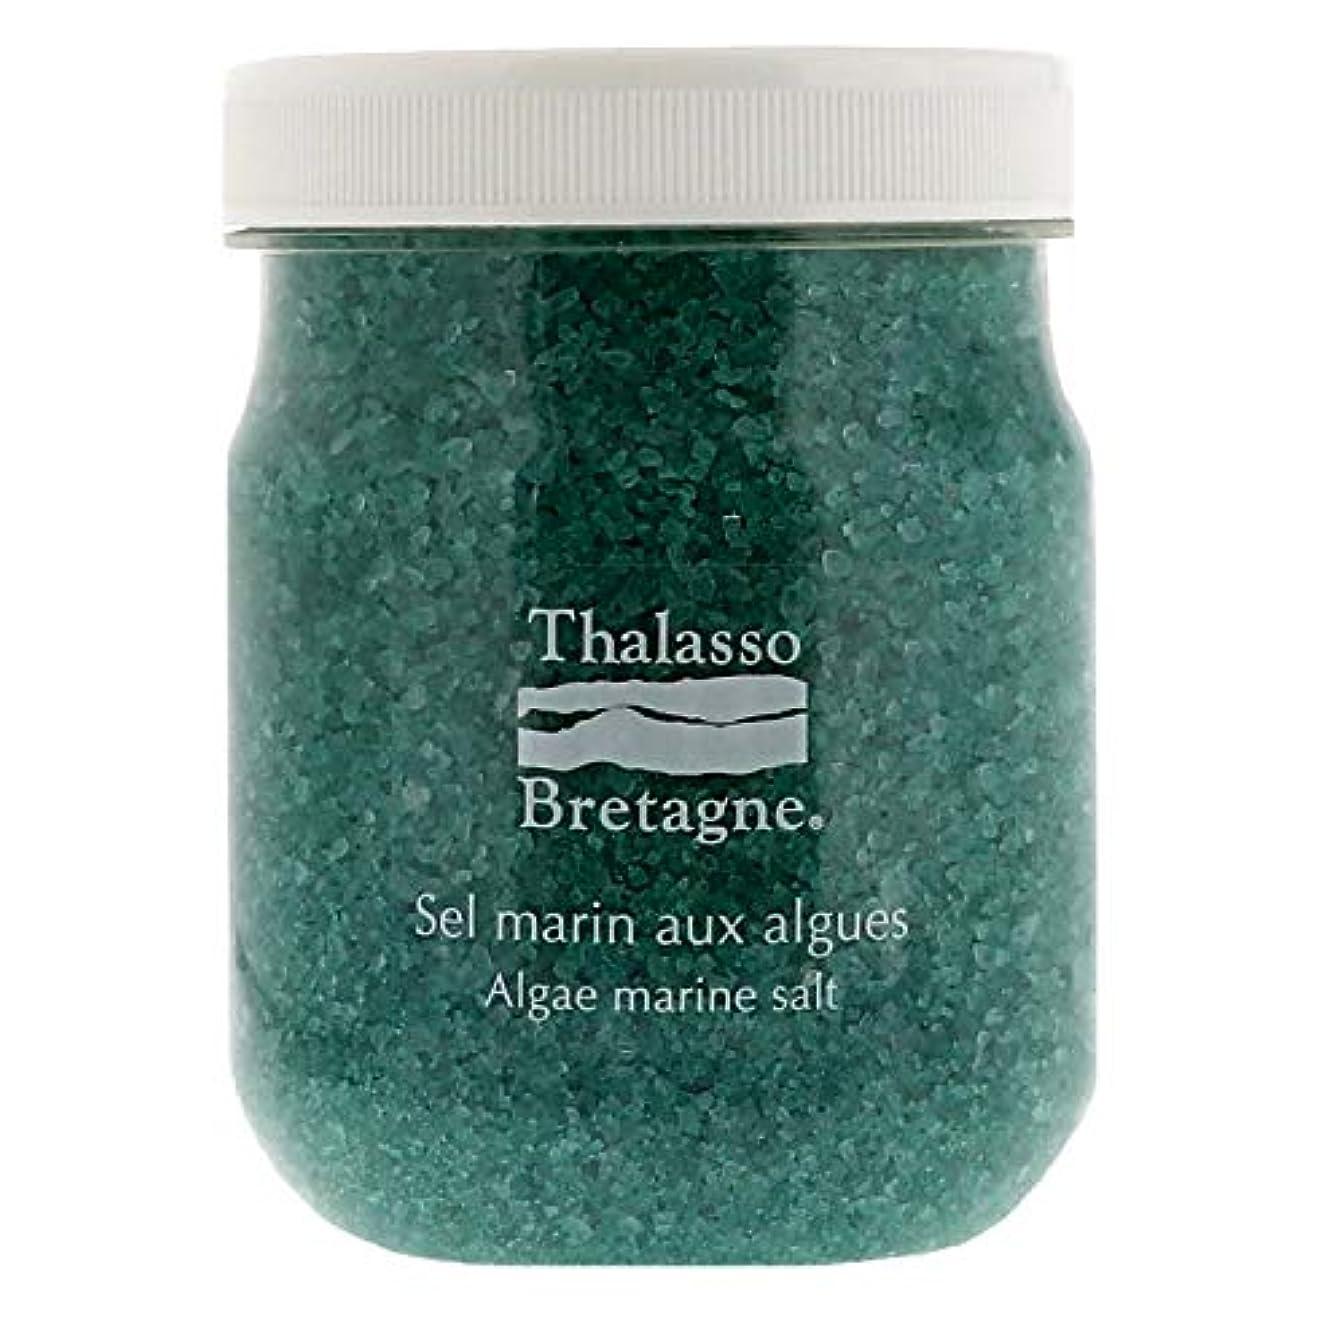 エンドテーブルどうしたの微生物Thalasso Breragne タラソ ド ブルターニュー アルグマリンソルト850g